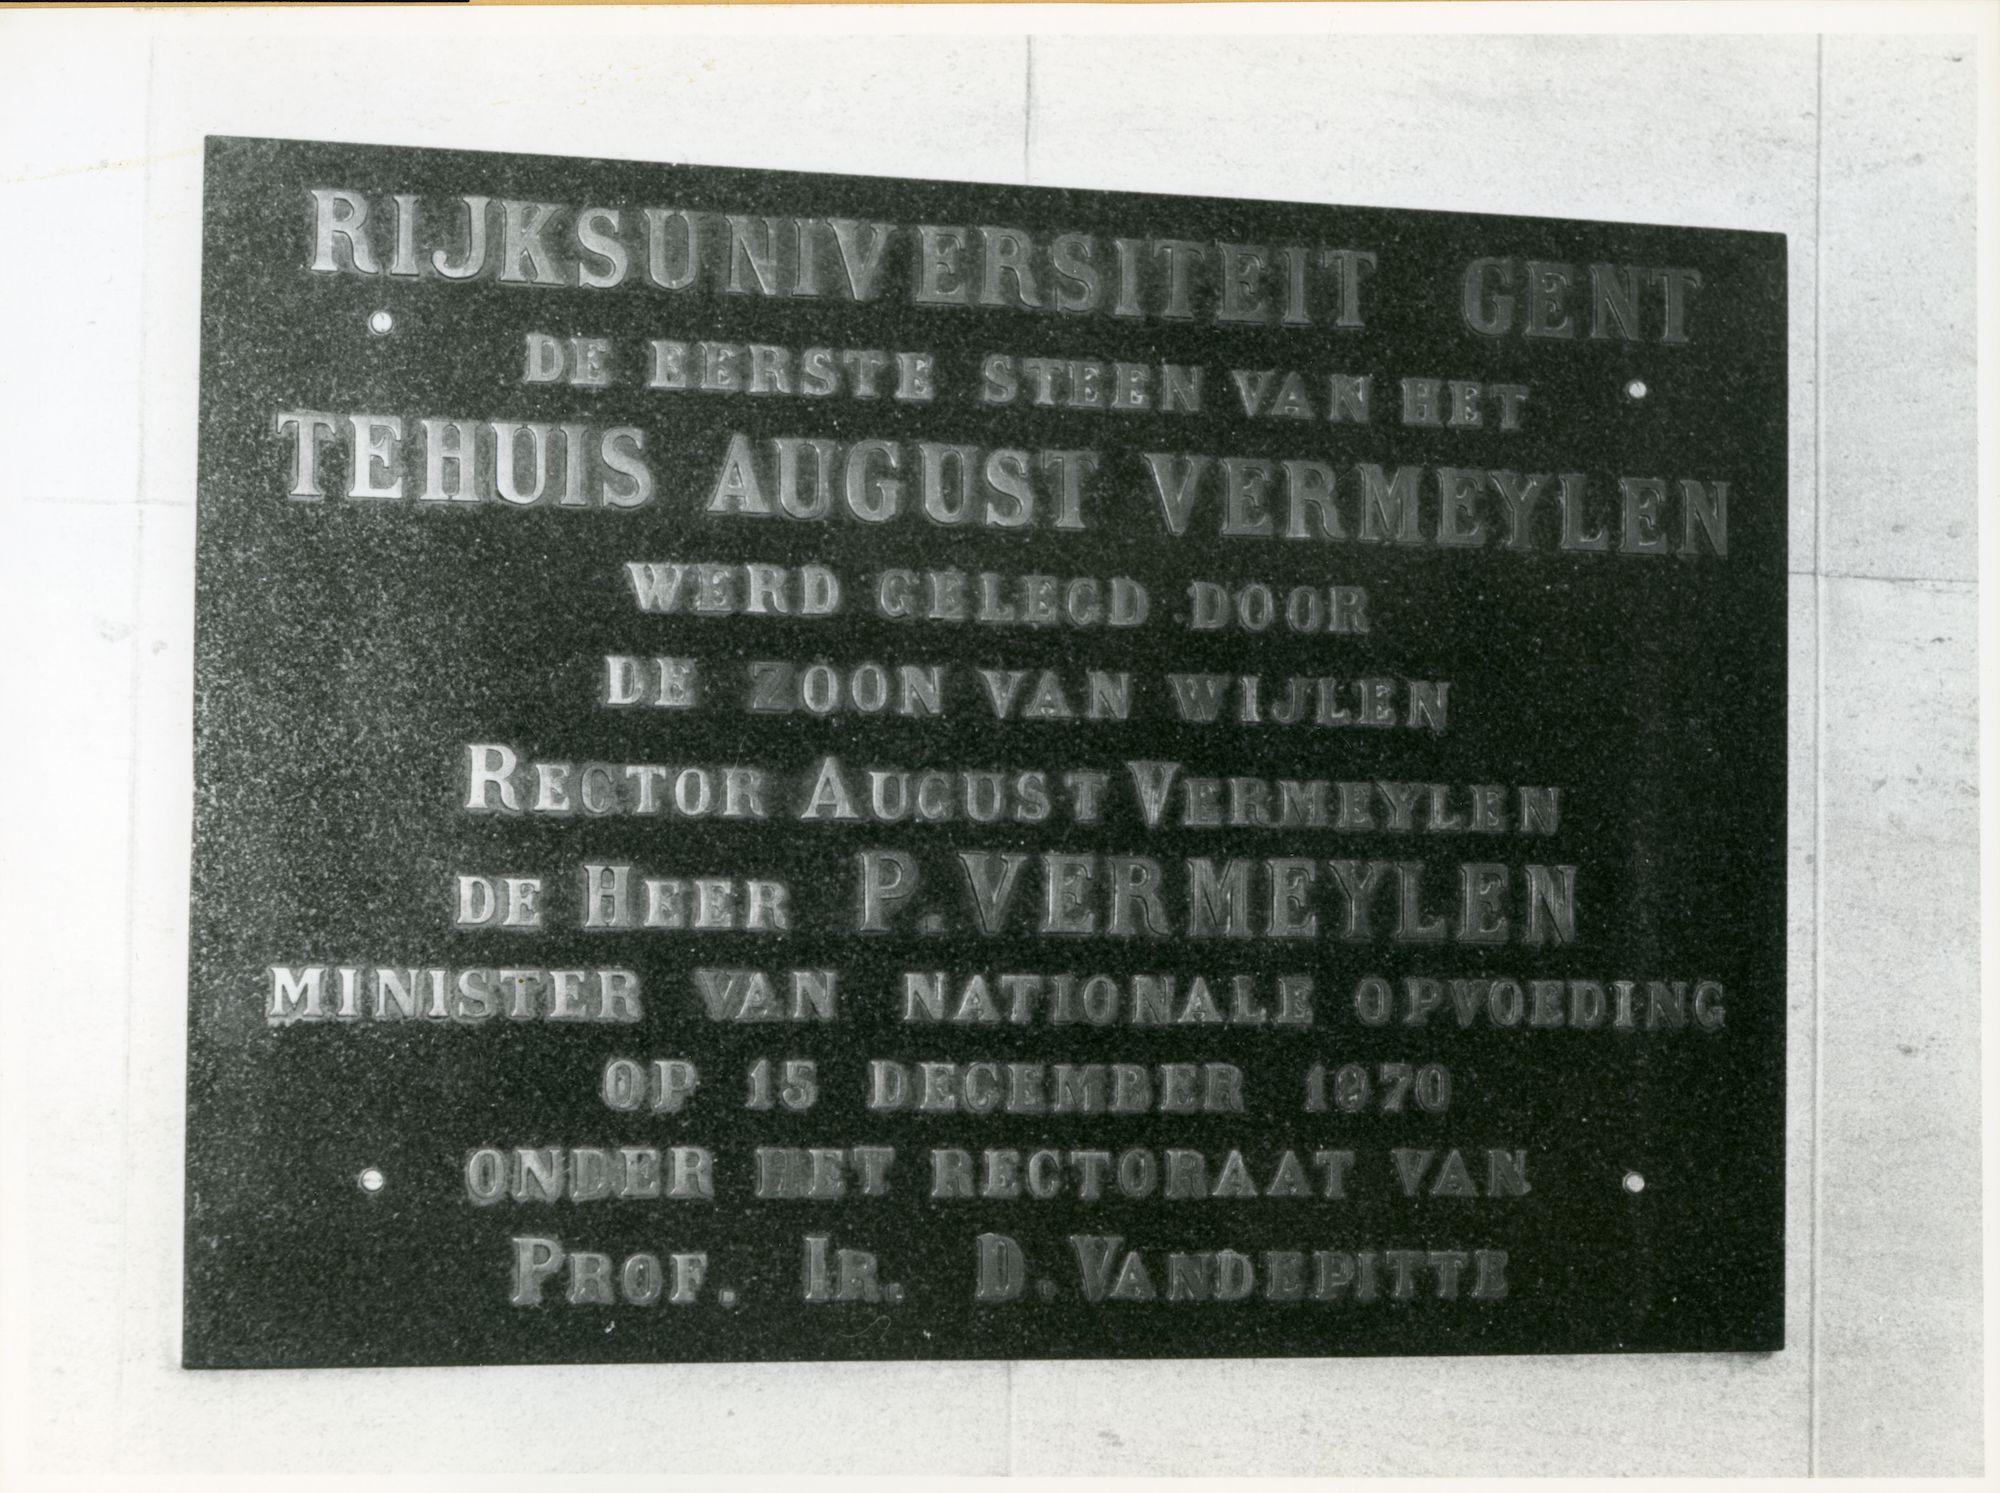 Gent: Stalhof: Gedenksteen, 1979